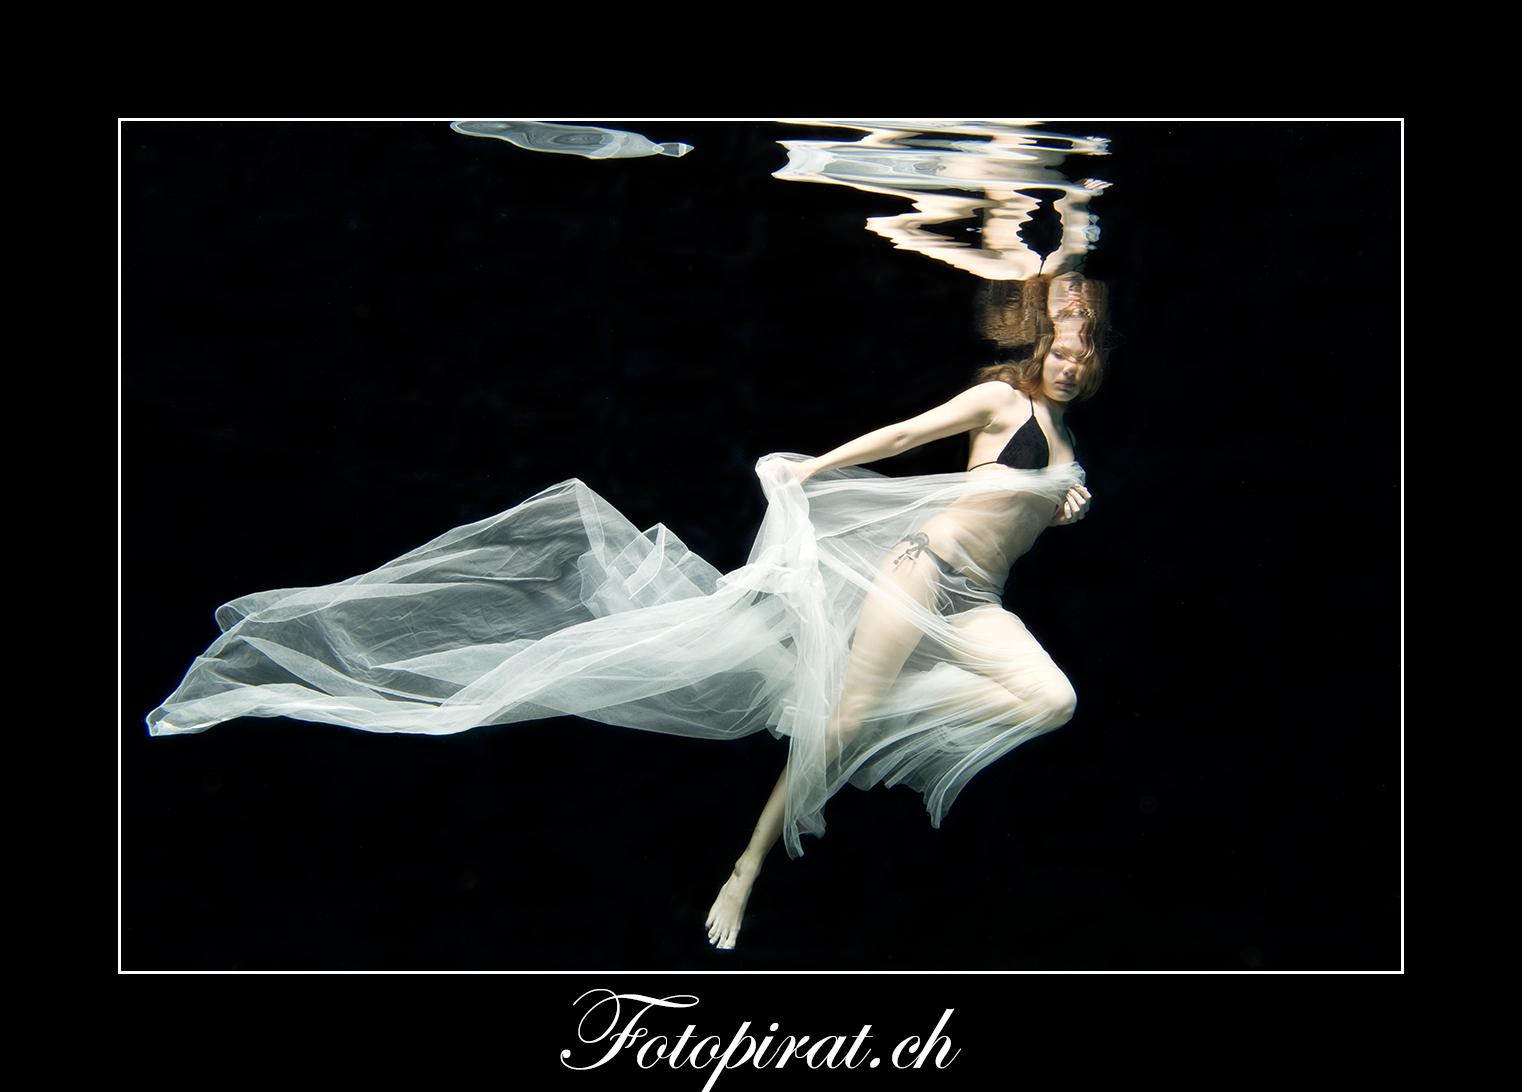 Unterwasser Fotoshooting, underwater Photoshooting, Teilakt, Nude, Fotoshooting Zürich